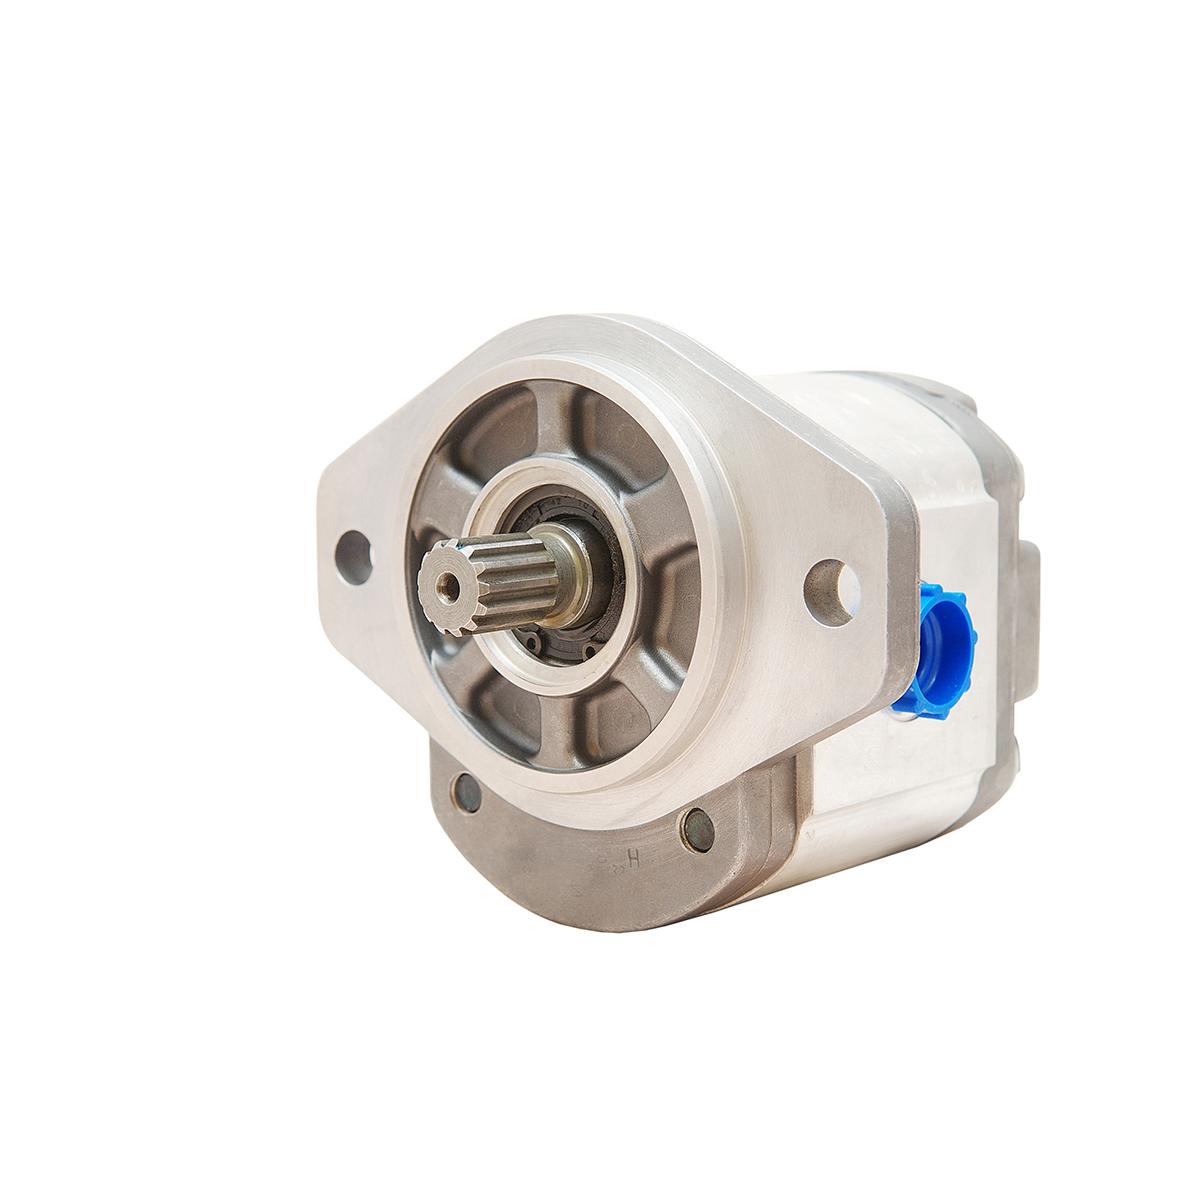 1.22 CID hydraulic gear pump, 9 tooth spline shaft clockwise gear pump | Magister Hydraulics